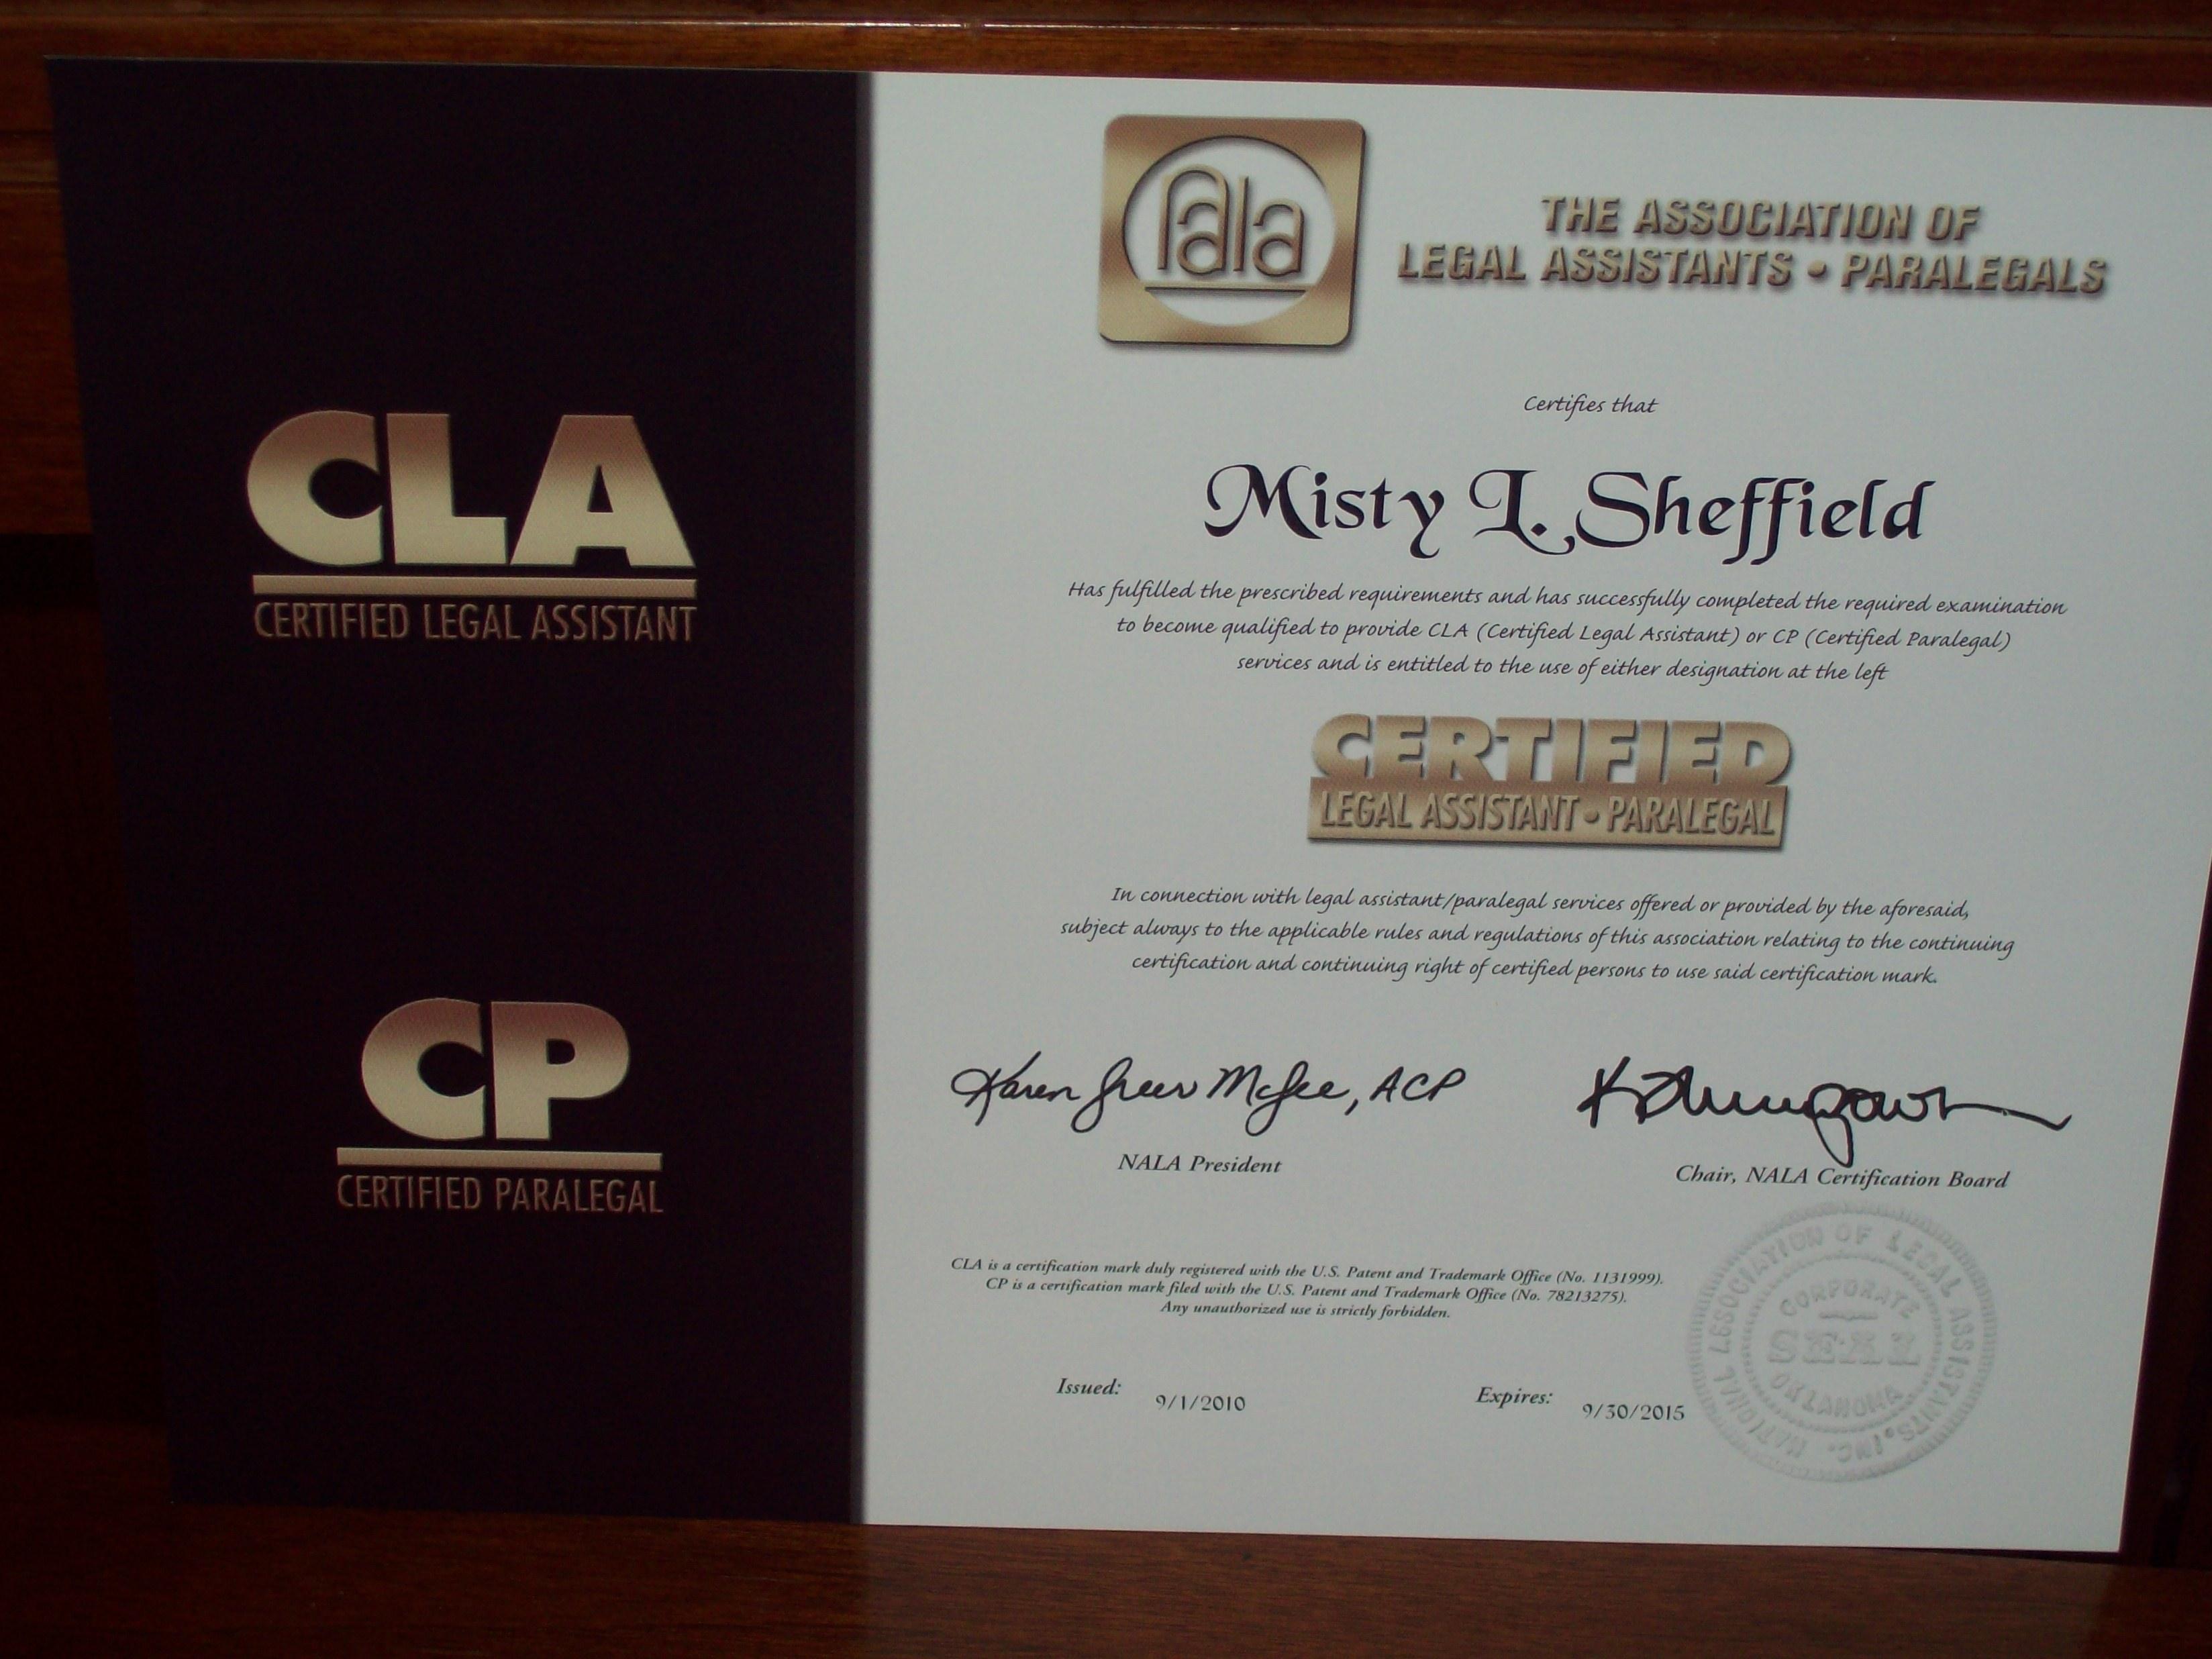 More on CLA/CP Exam | Atlanta Paralegal Services